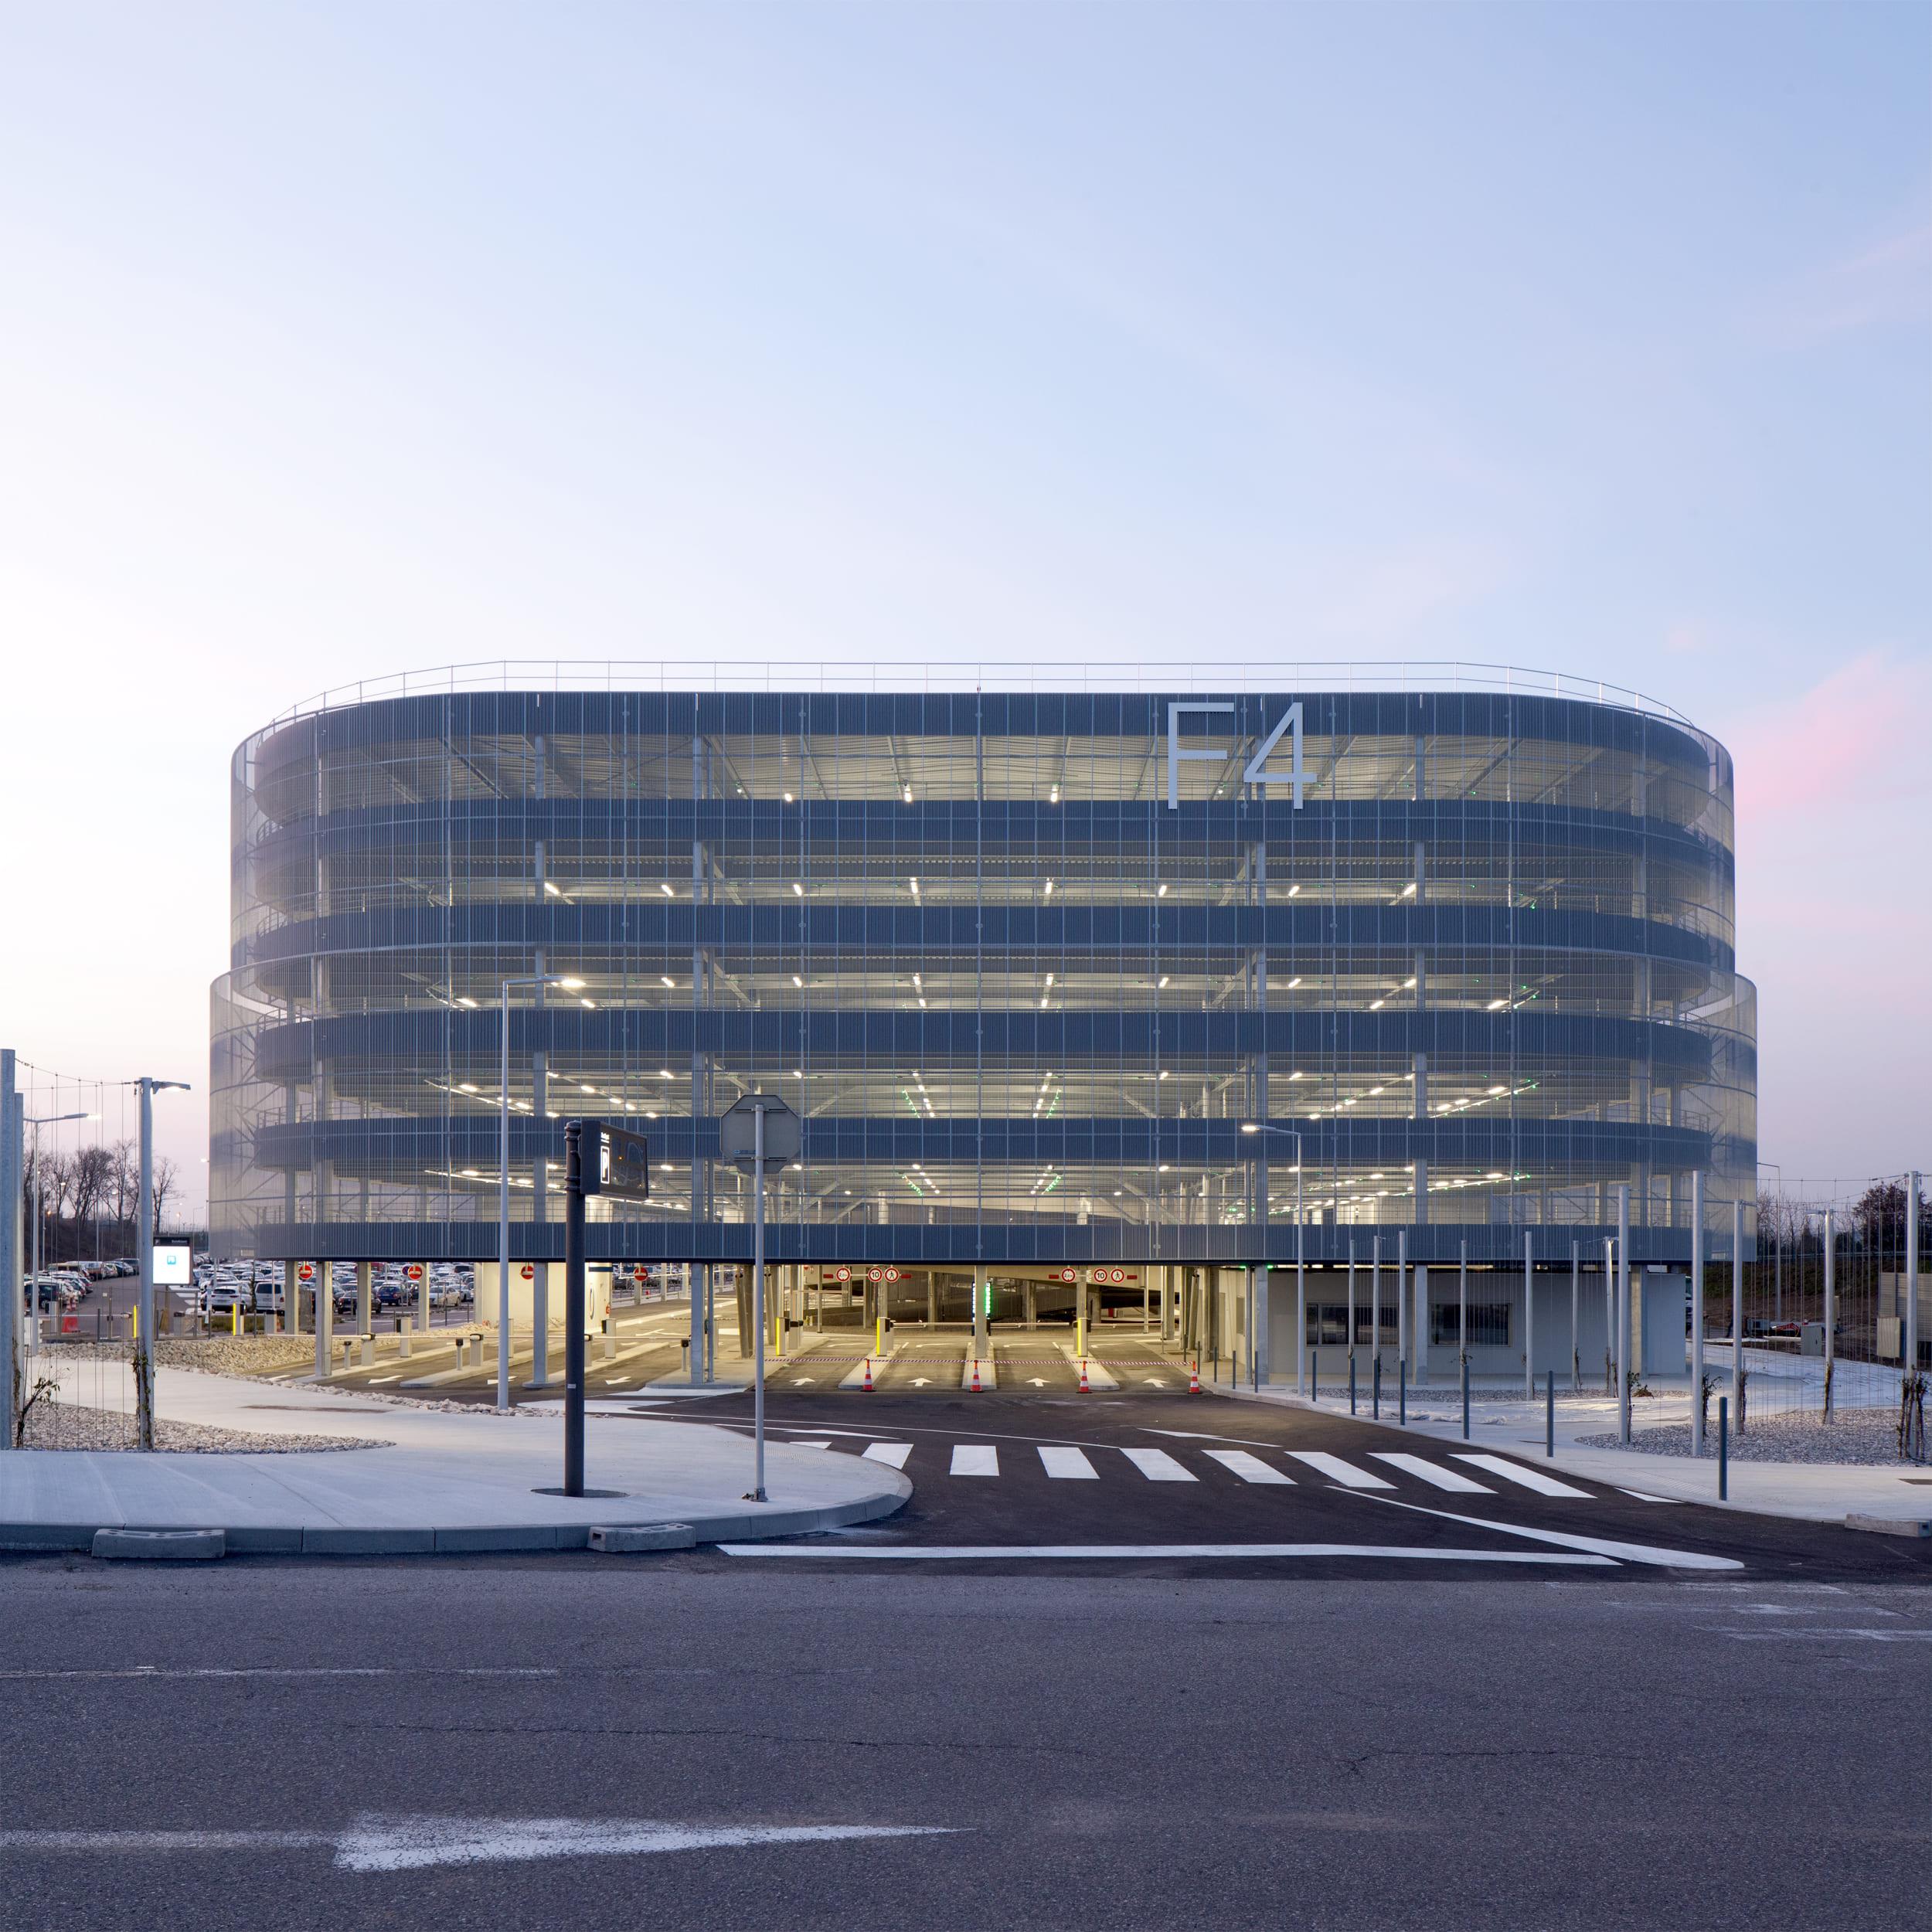 eap euroairport aéroport parking mulhouse F4 F5